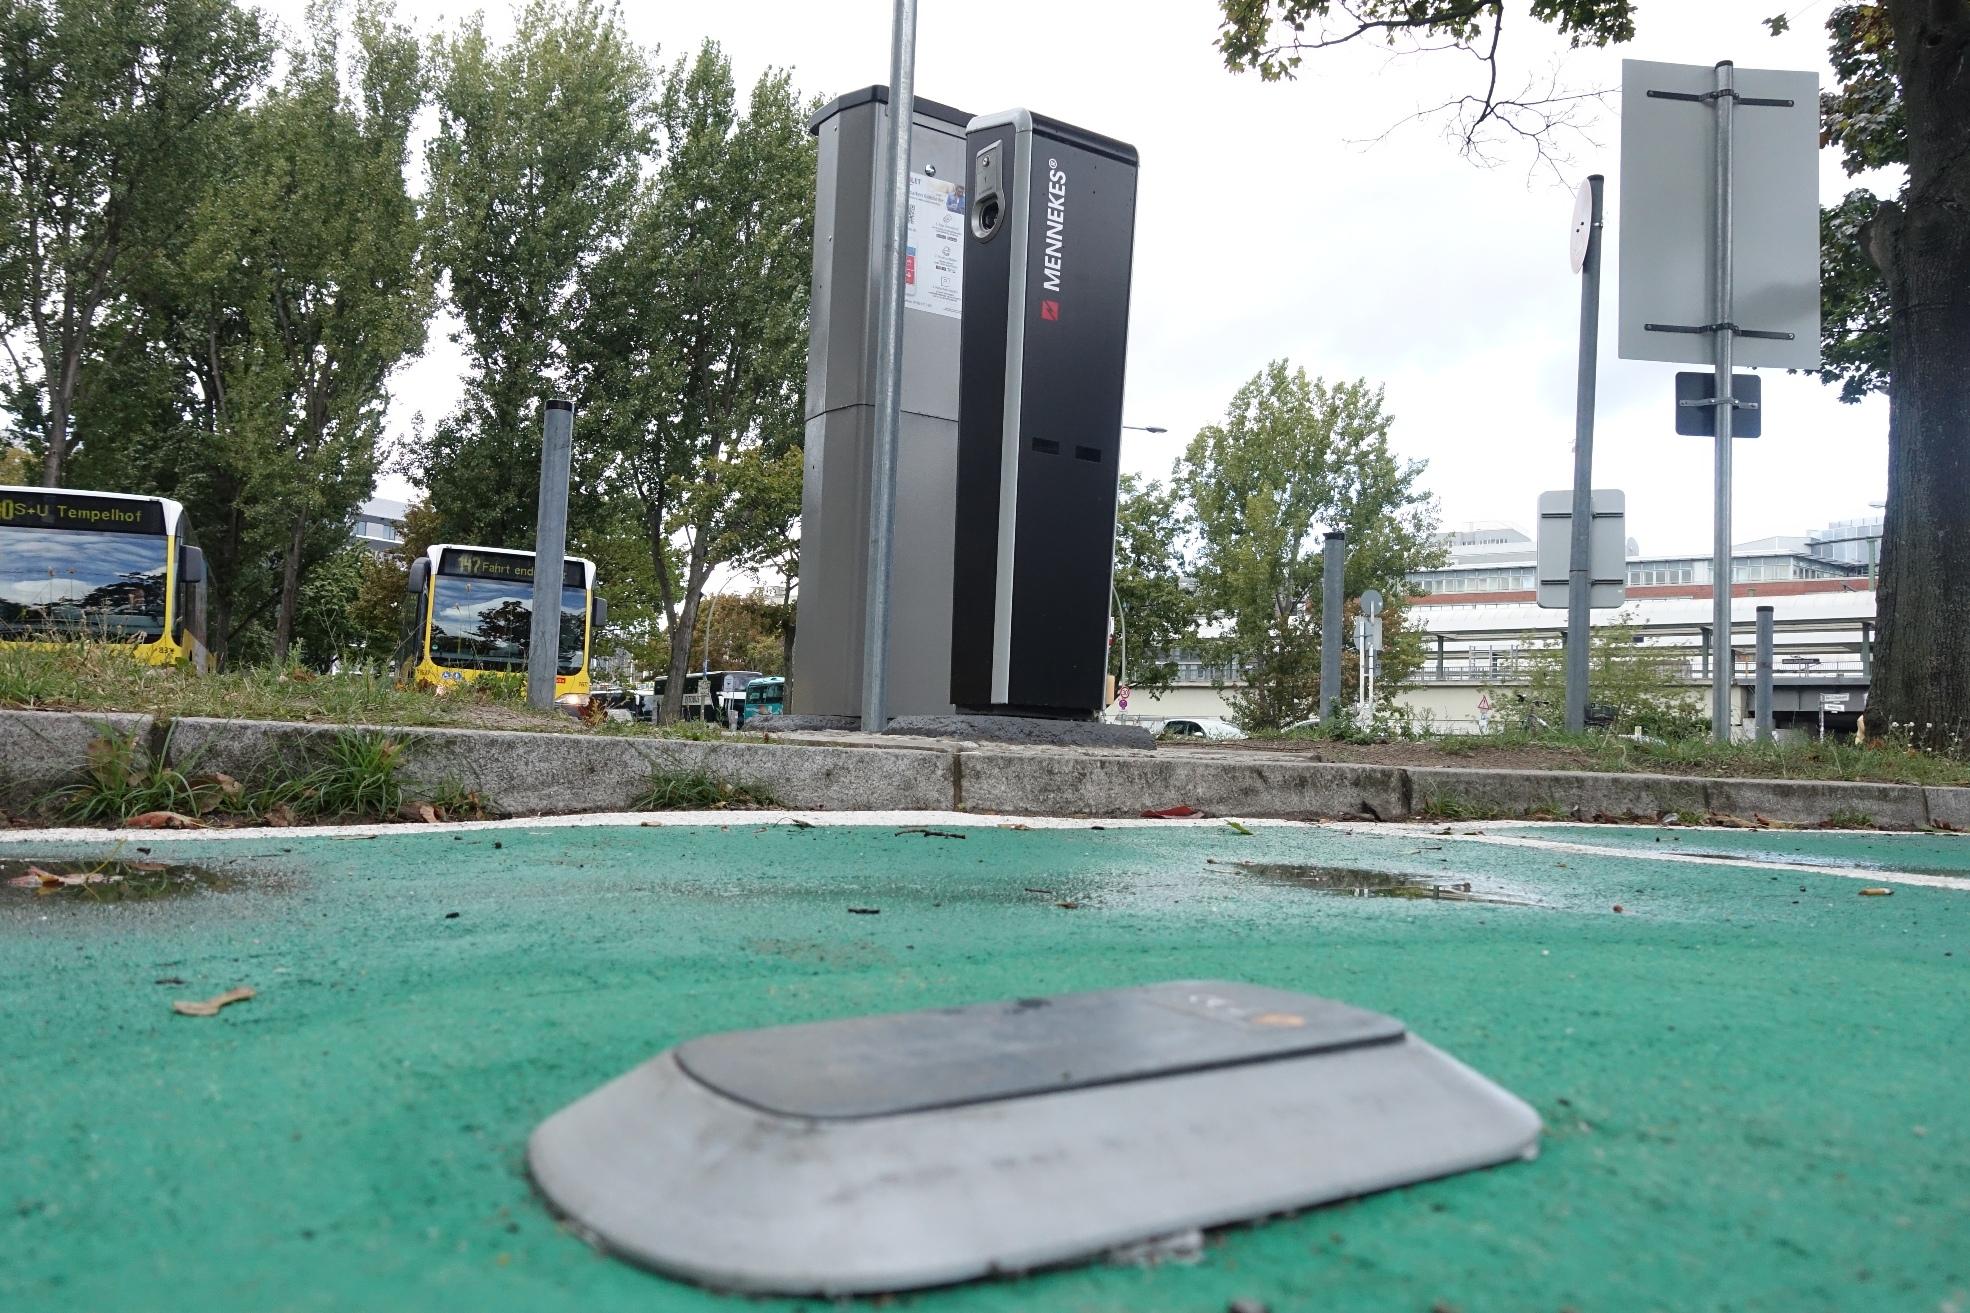 Parkplatz-Erkennung: Bosch und Siemens scheitern mit Pilotprojekten - Die Sensoren werden derzeit unter anderem am Berliner Ostbahnhof getestet. (Foto: Friedhelm Greis/Golem.de)